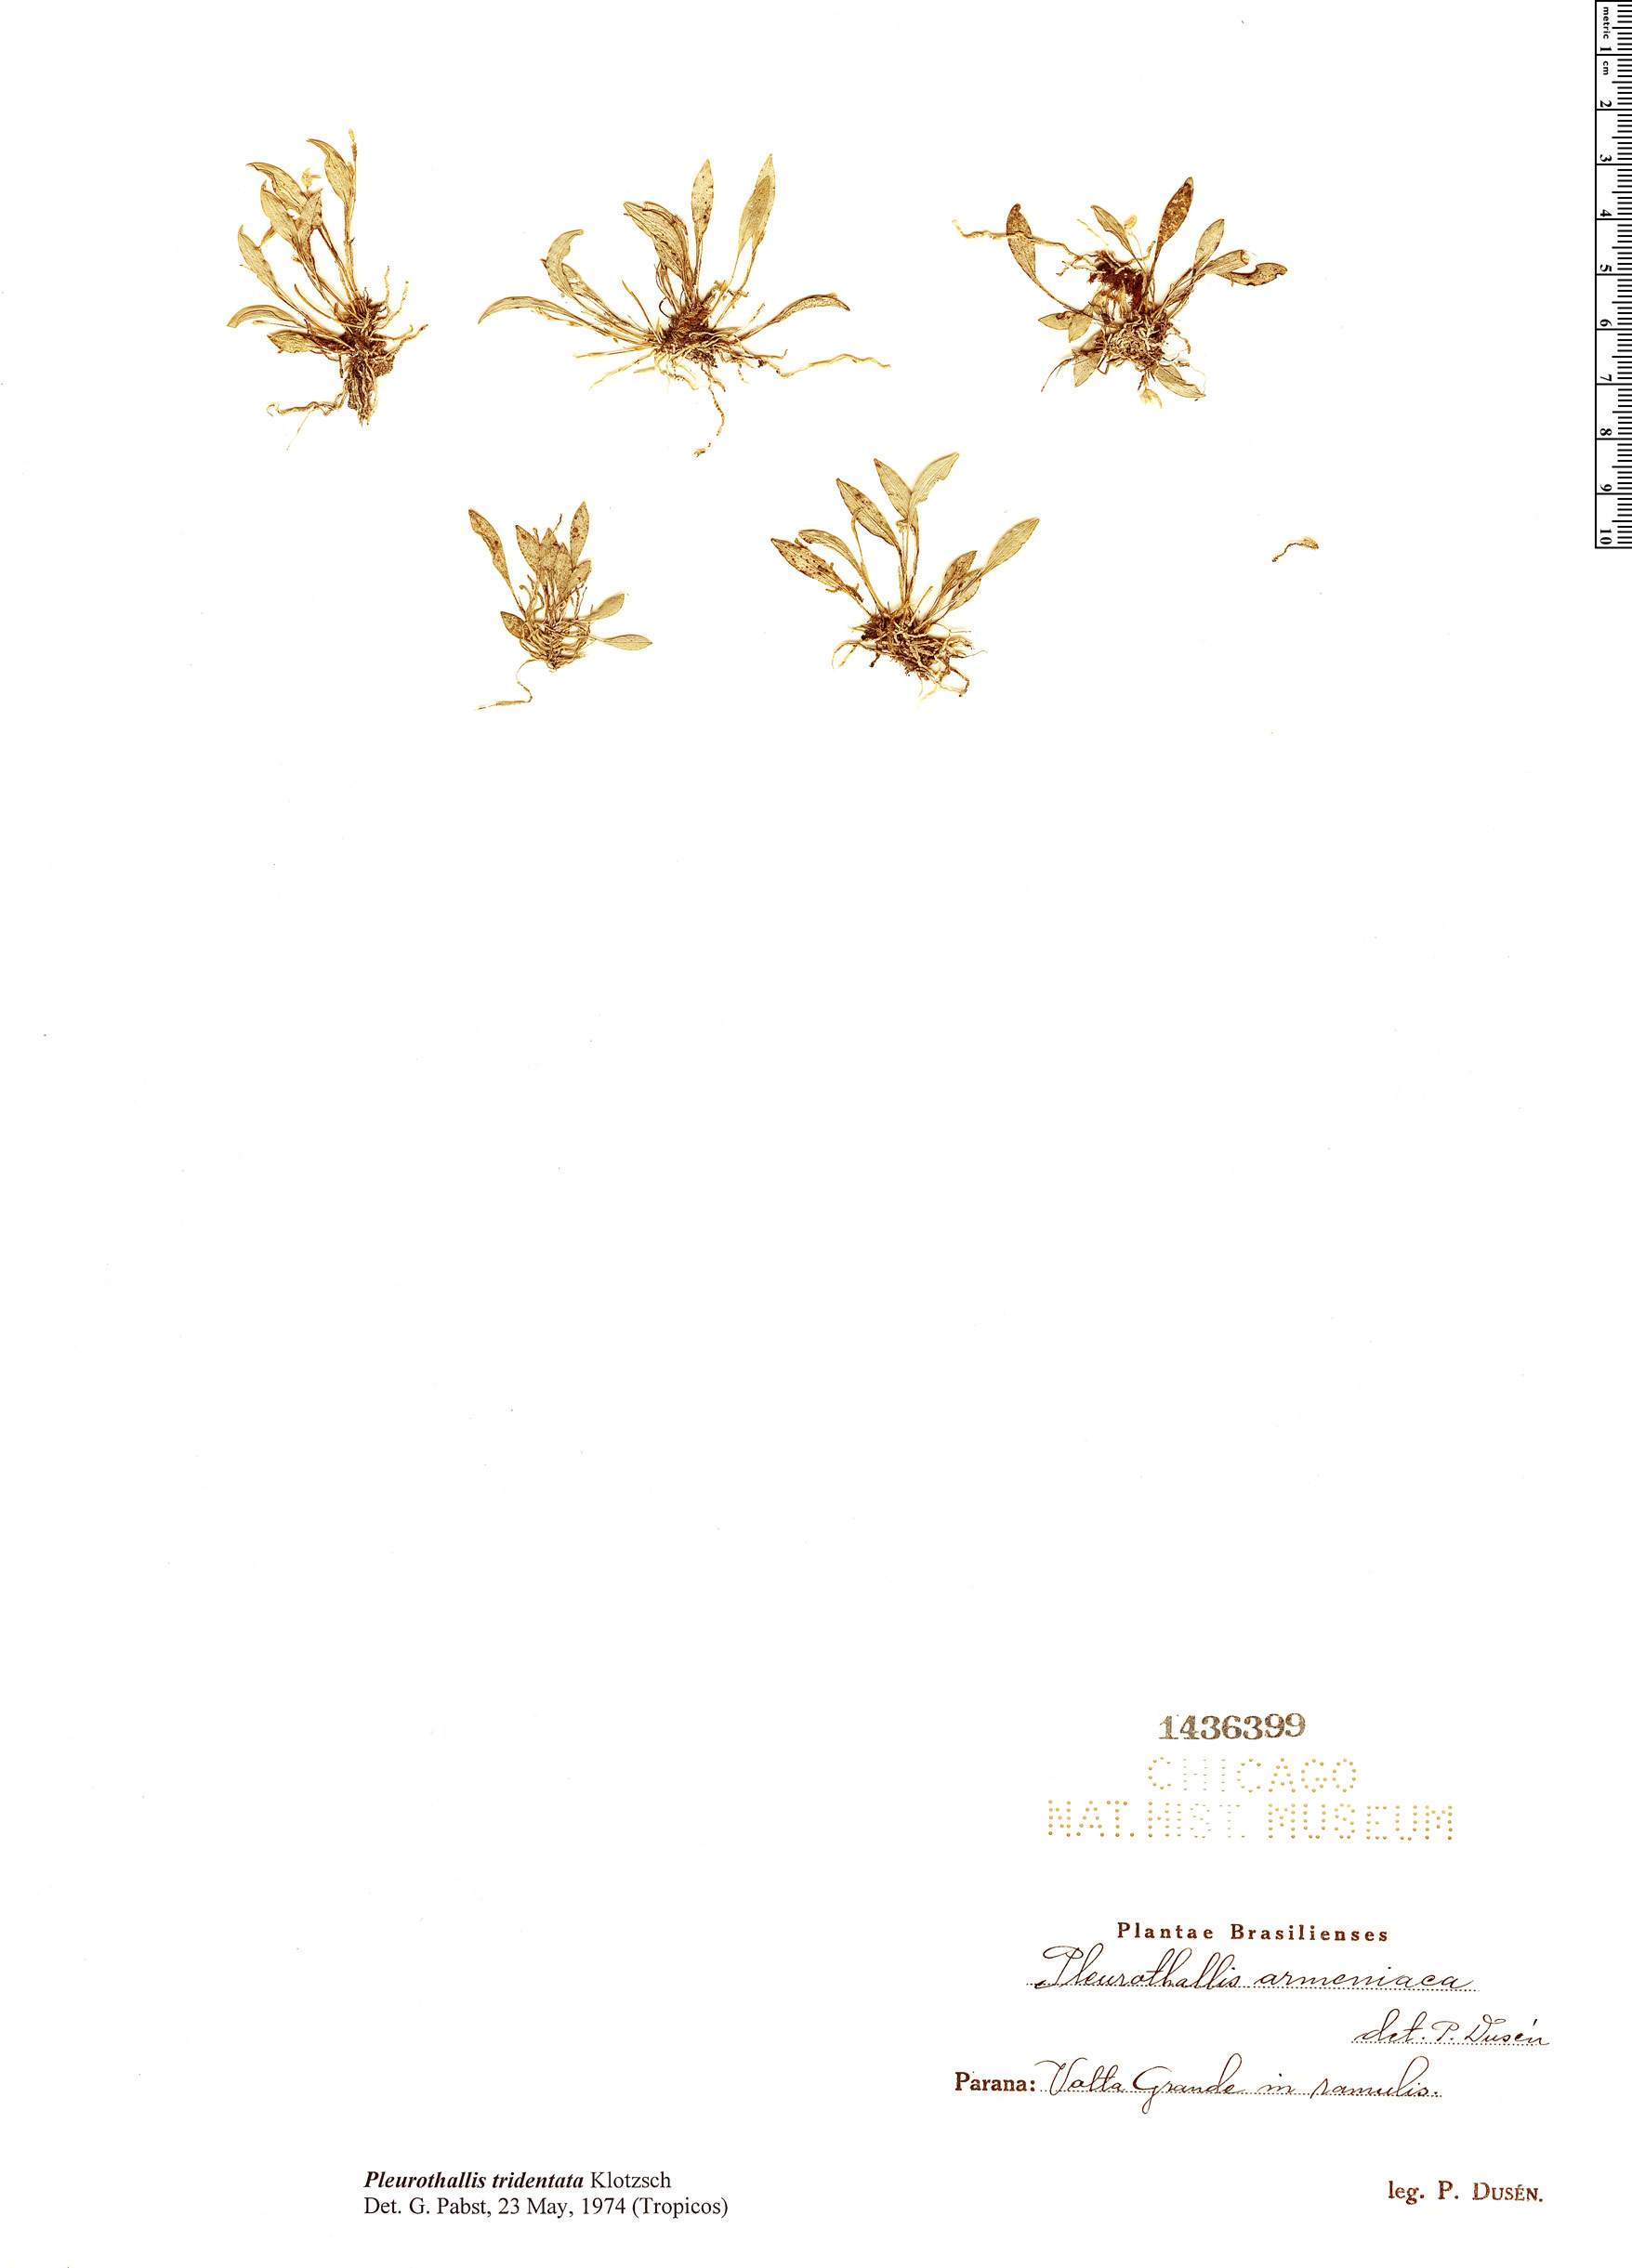 Espécime: Pleurothallis tridentata